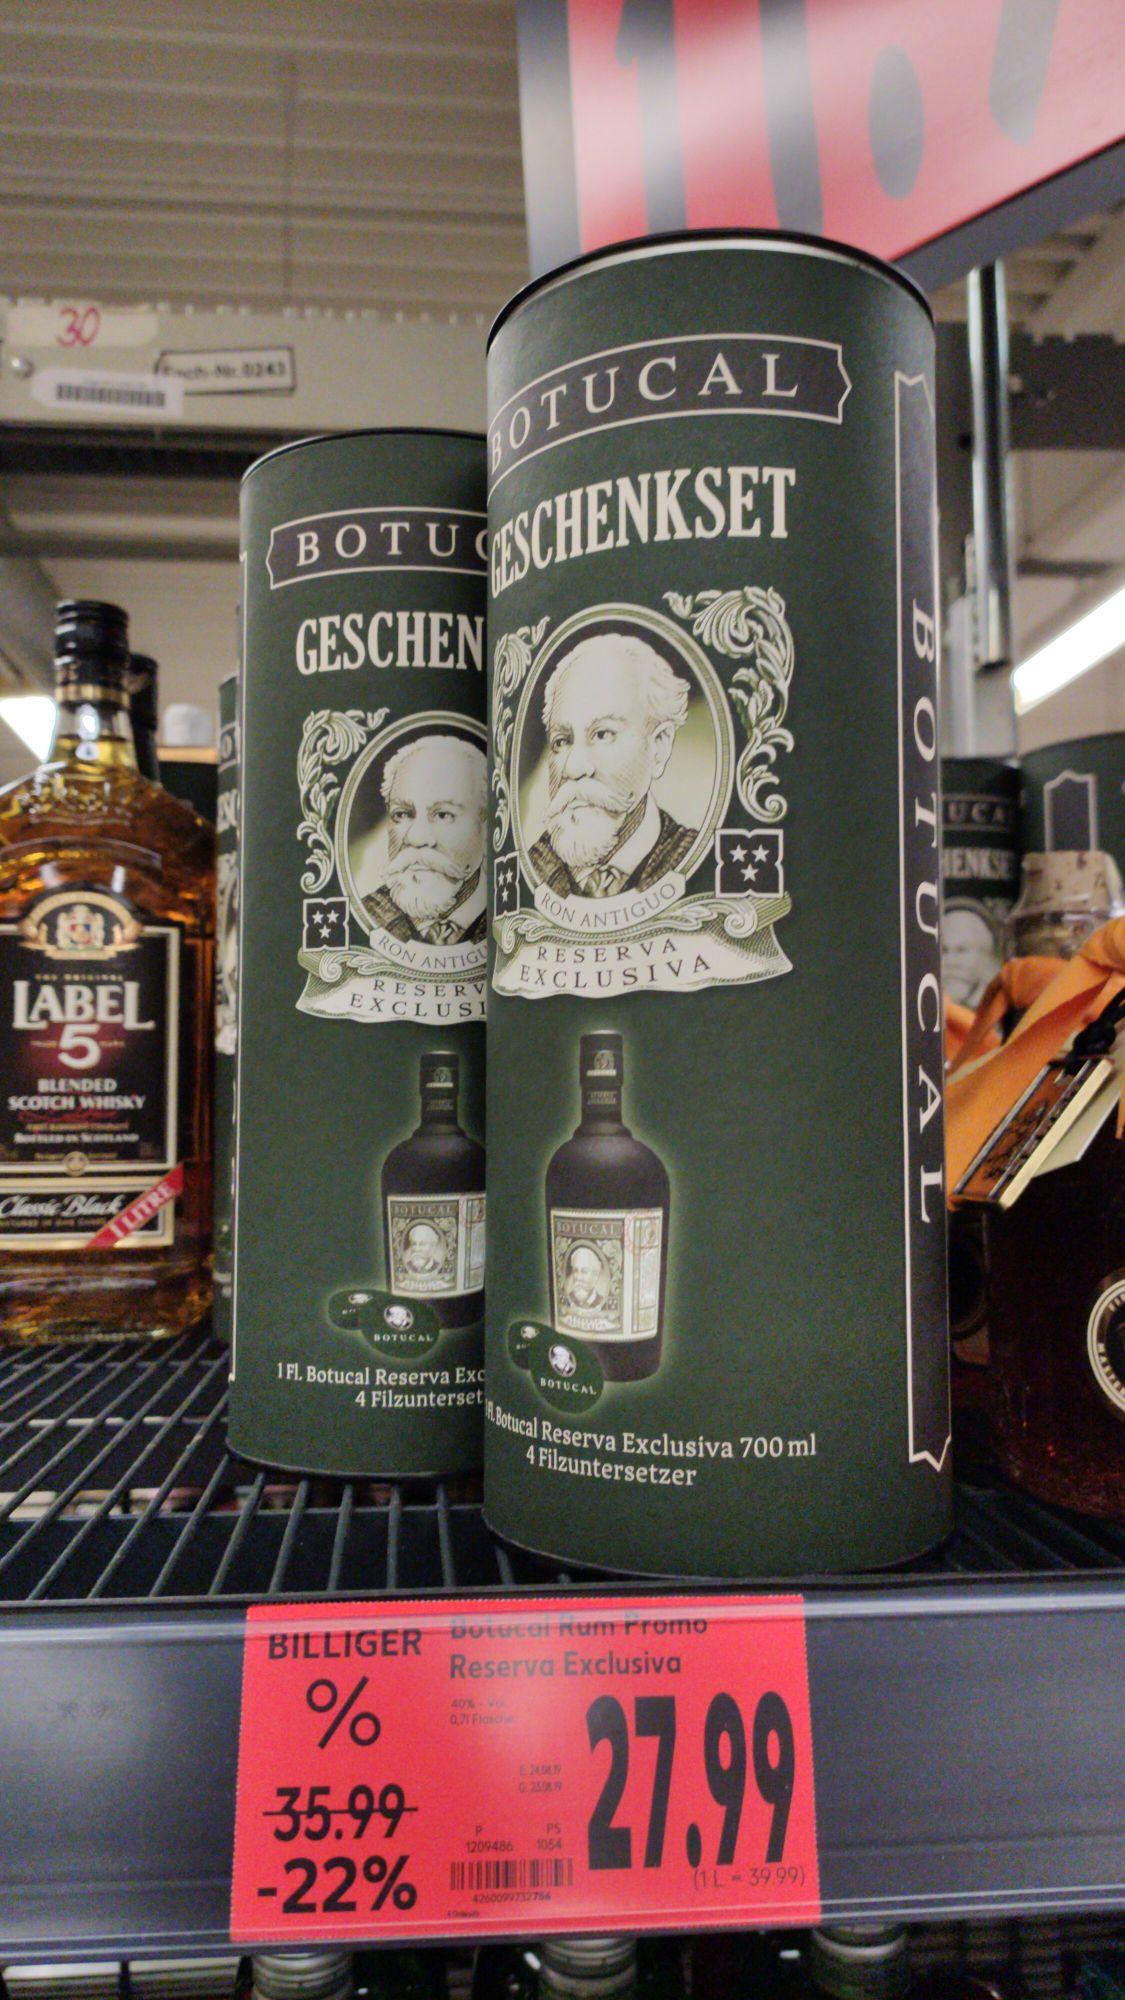 [Lokal Friedrichshafen] Botucal Rum Reserva Exclusiva bei Kaufland